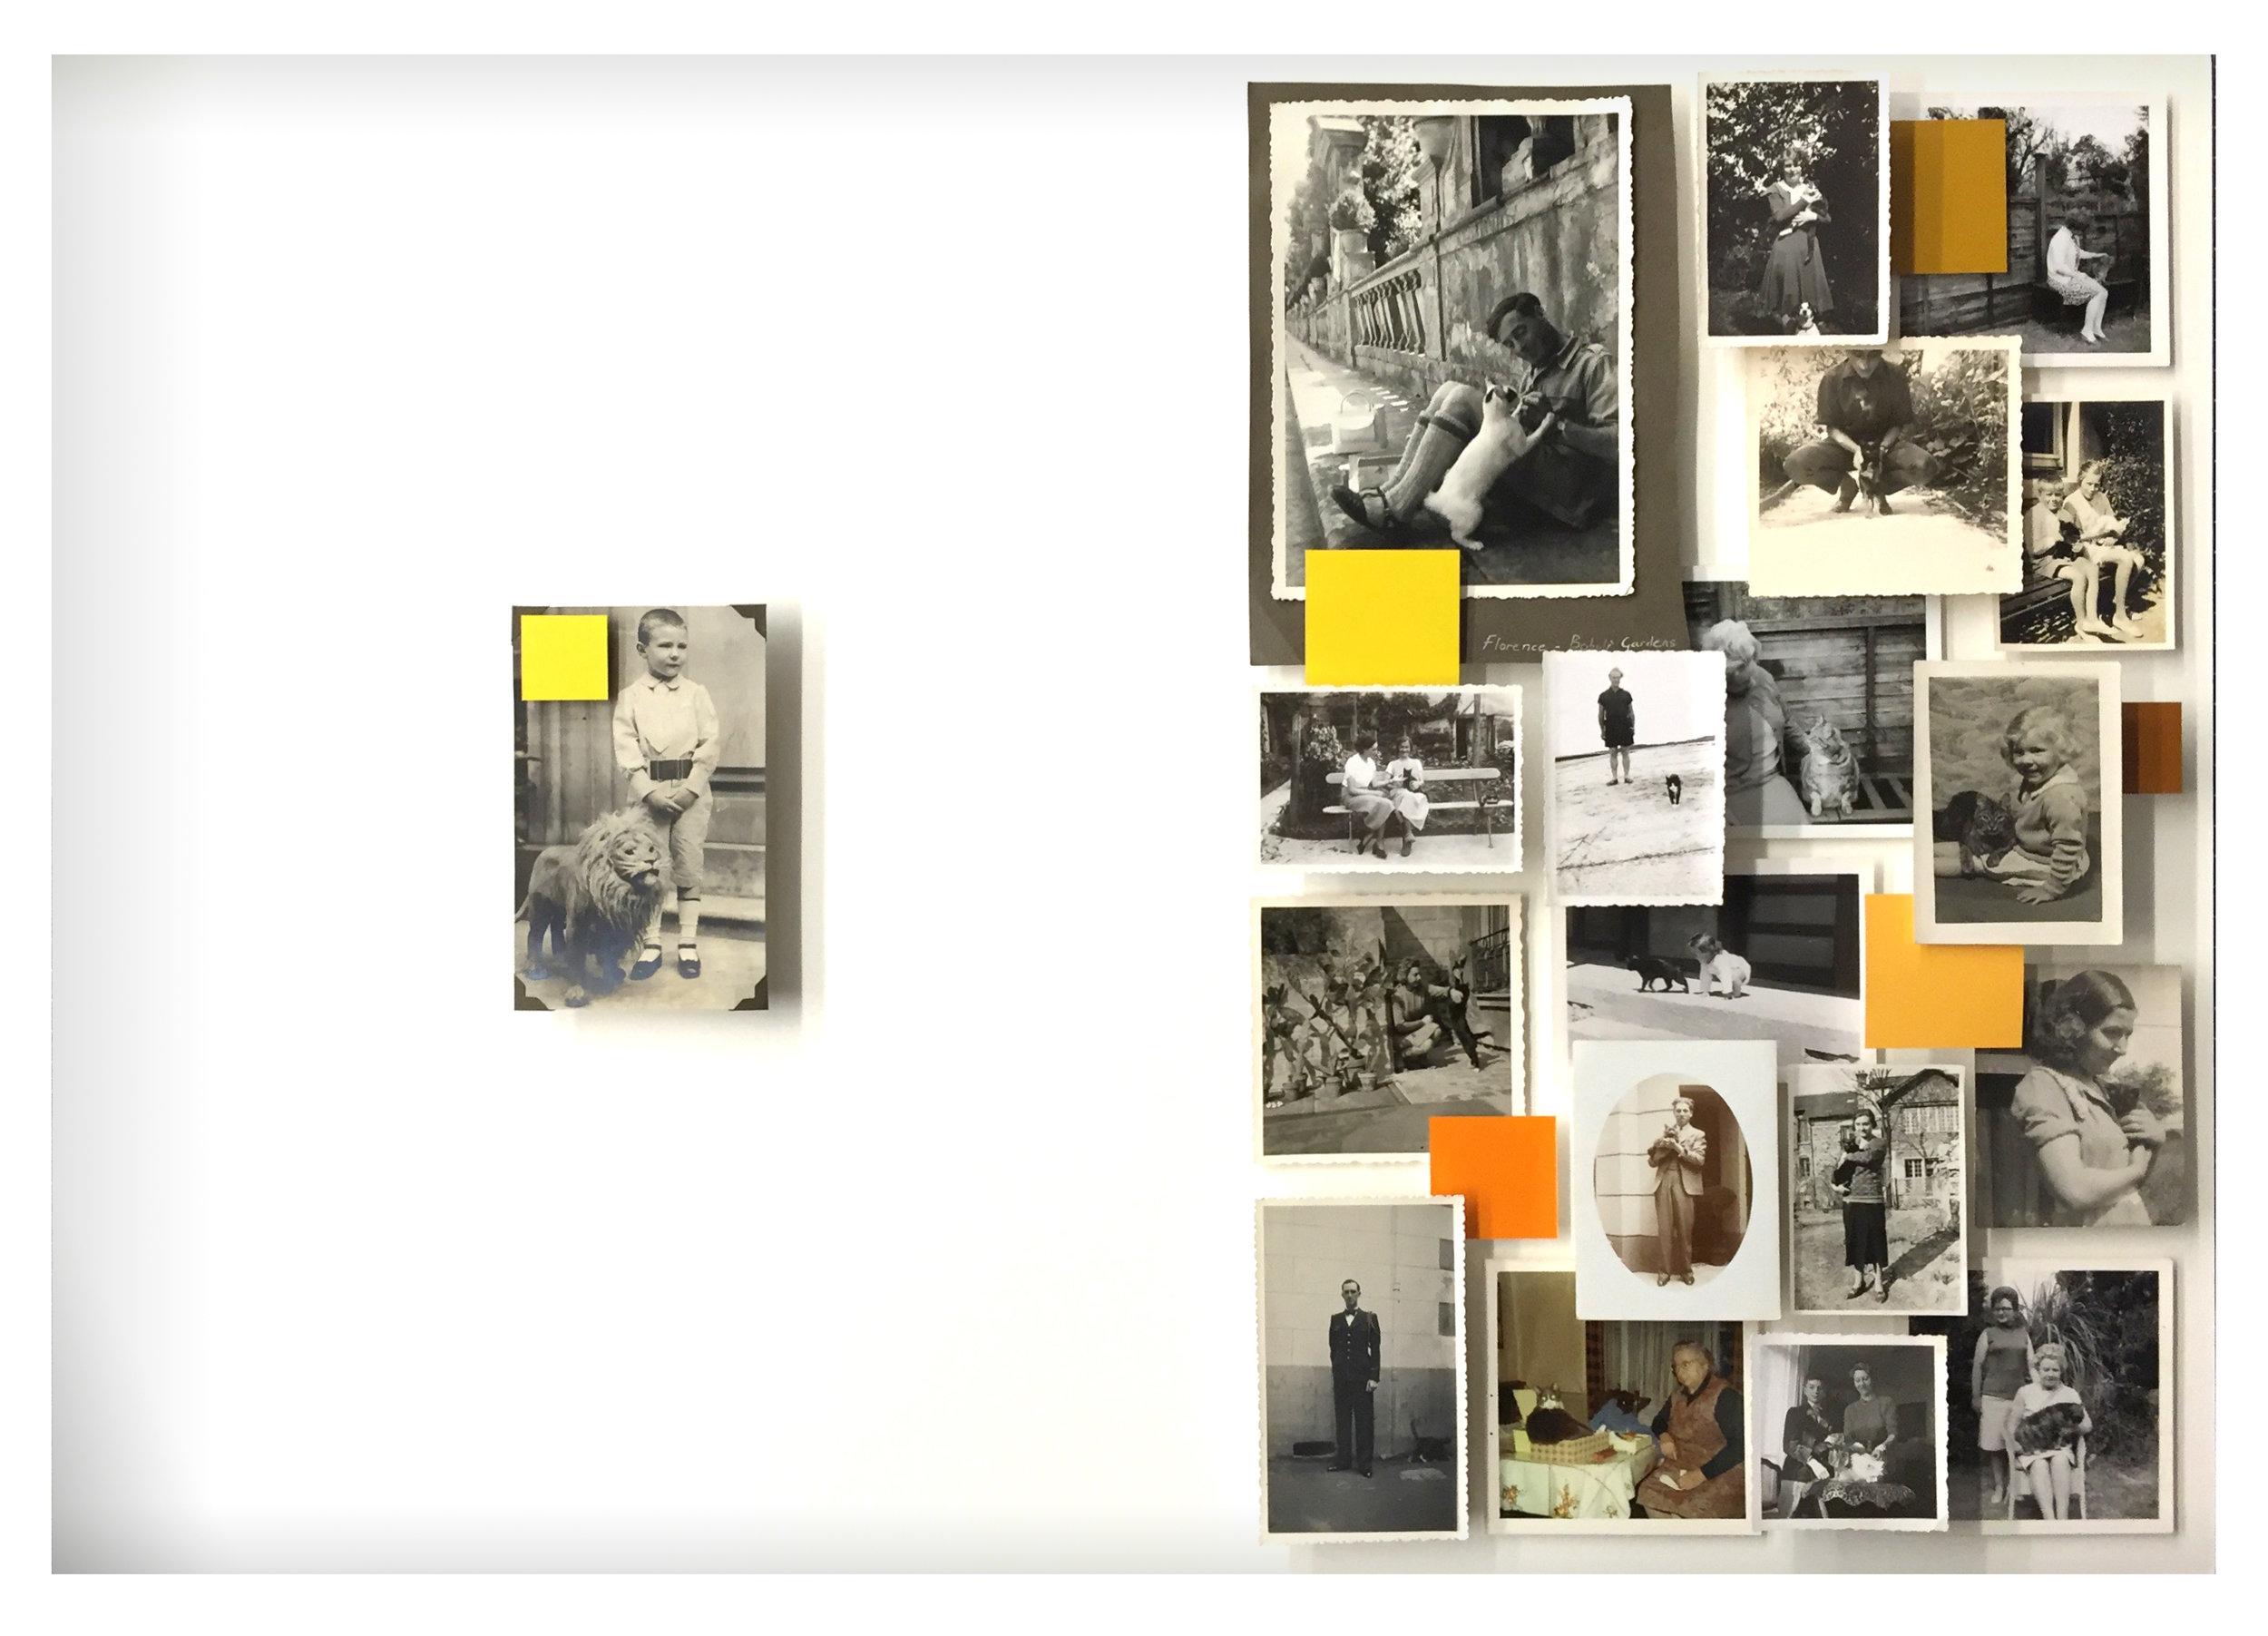 13. Galleria-l'Affiche_Alfred-Drago-Rens_Storia-di-un-gatto-che-si-sentiva-leone_2016_62x82cm.jpg